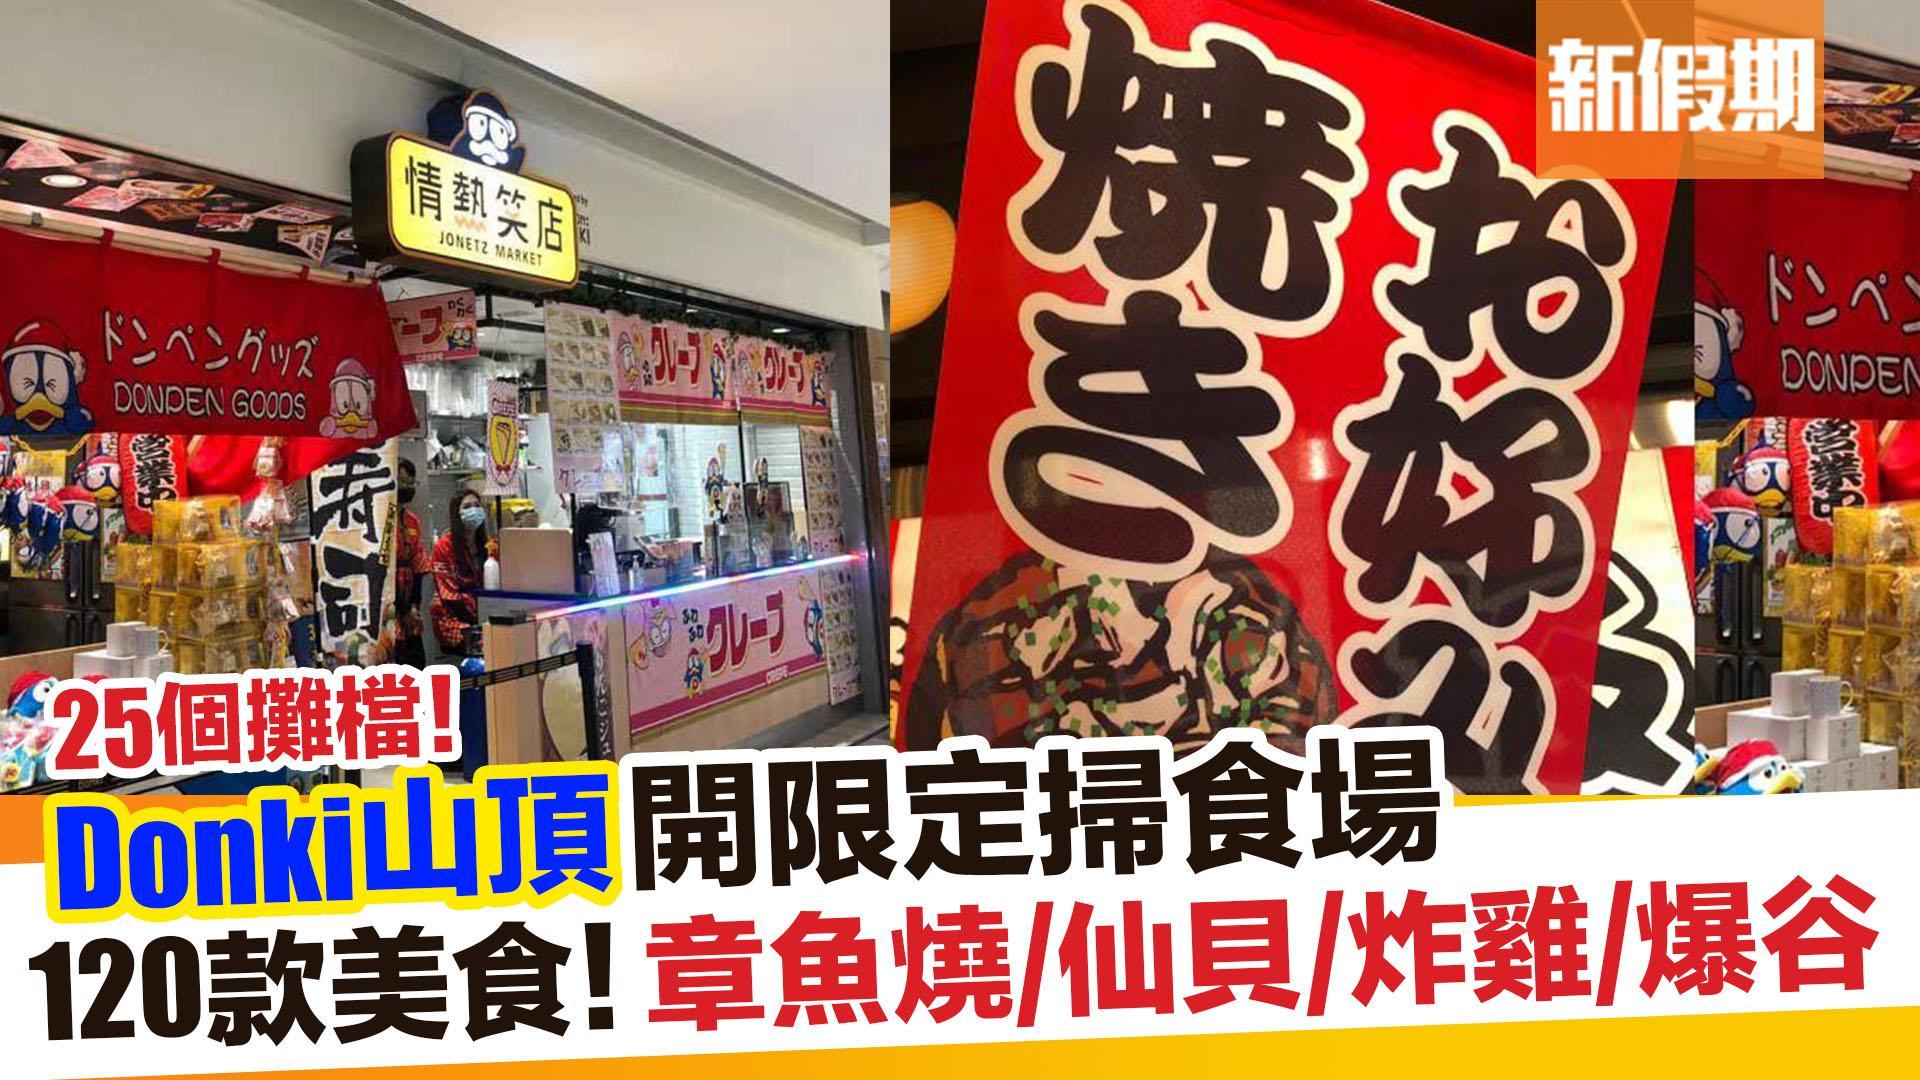 【周末好去處】山頂Donki 「情熱笑店」開幕!25個限定美食攤檔 新假期